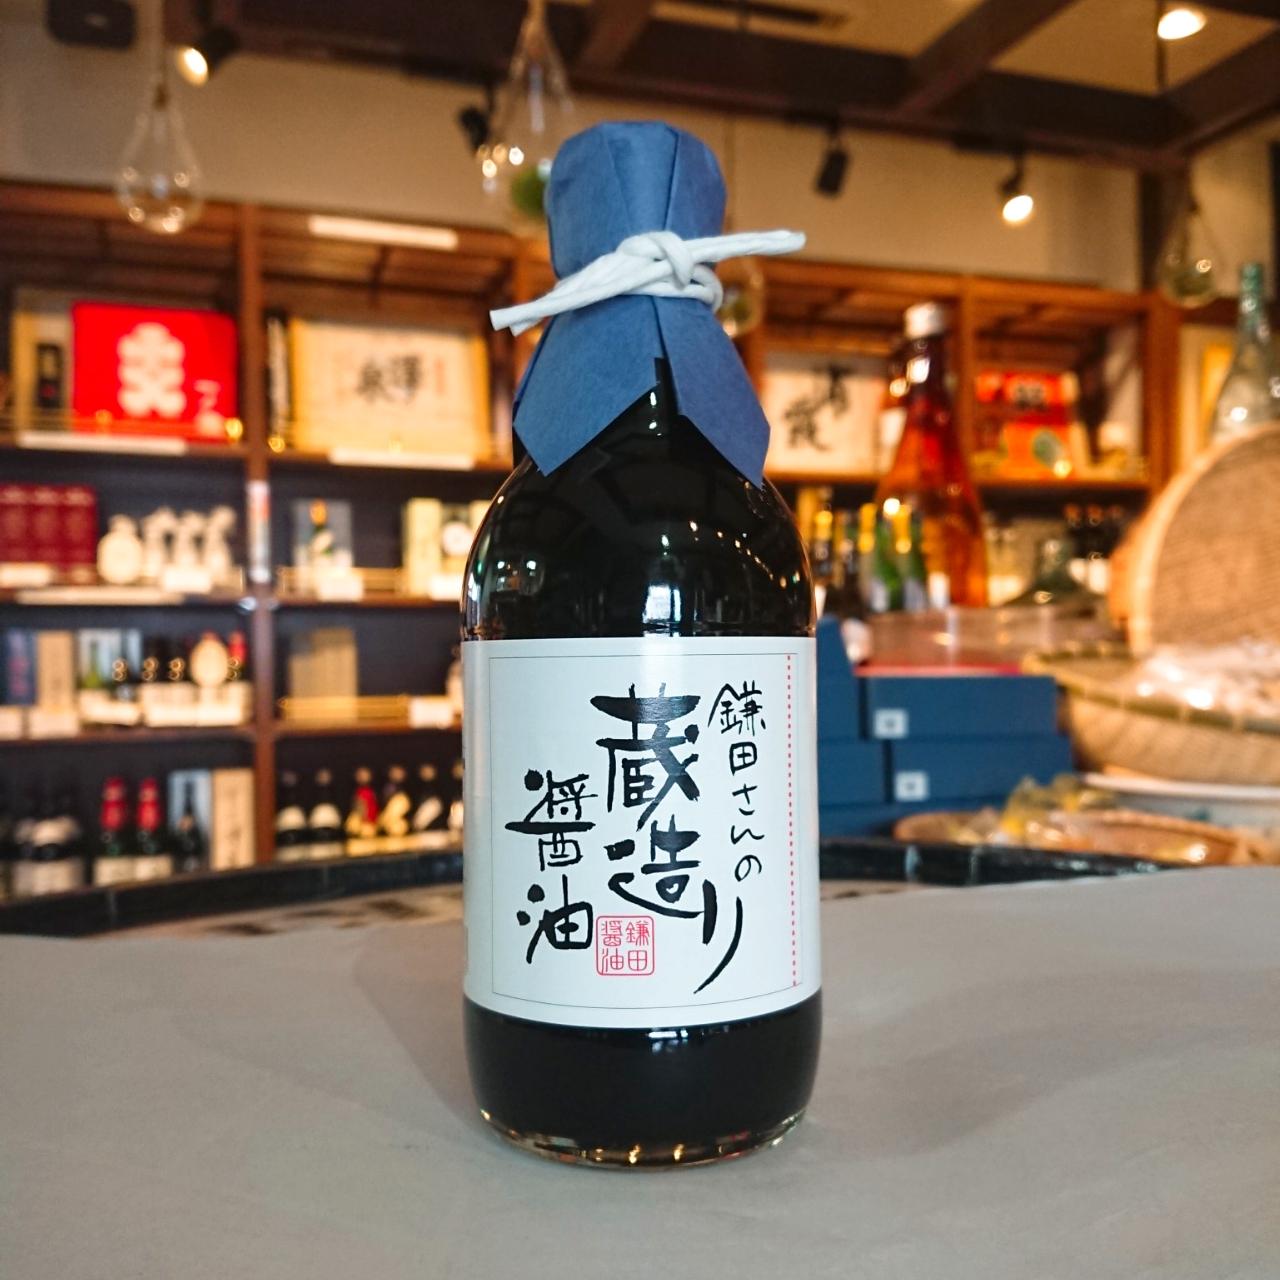 鎌田さんの蔵造り醤油